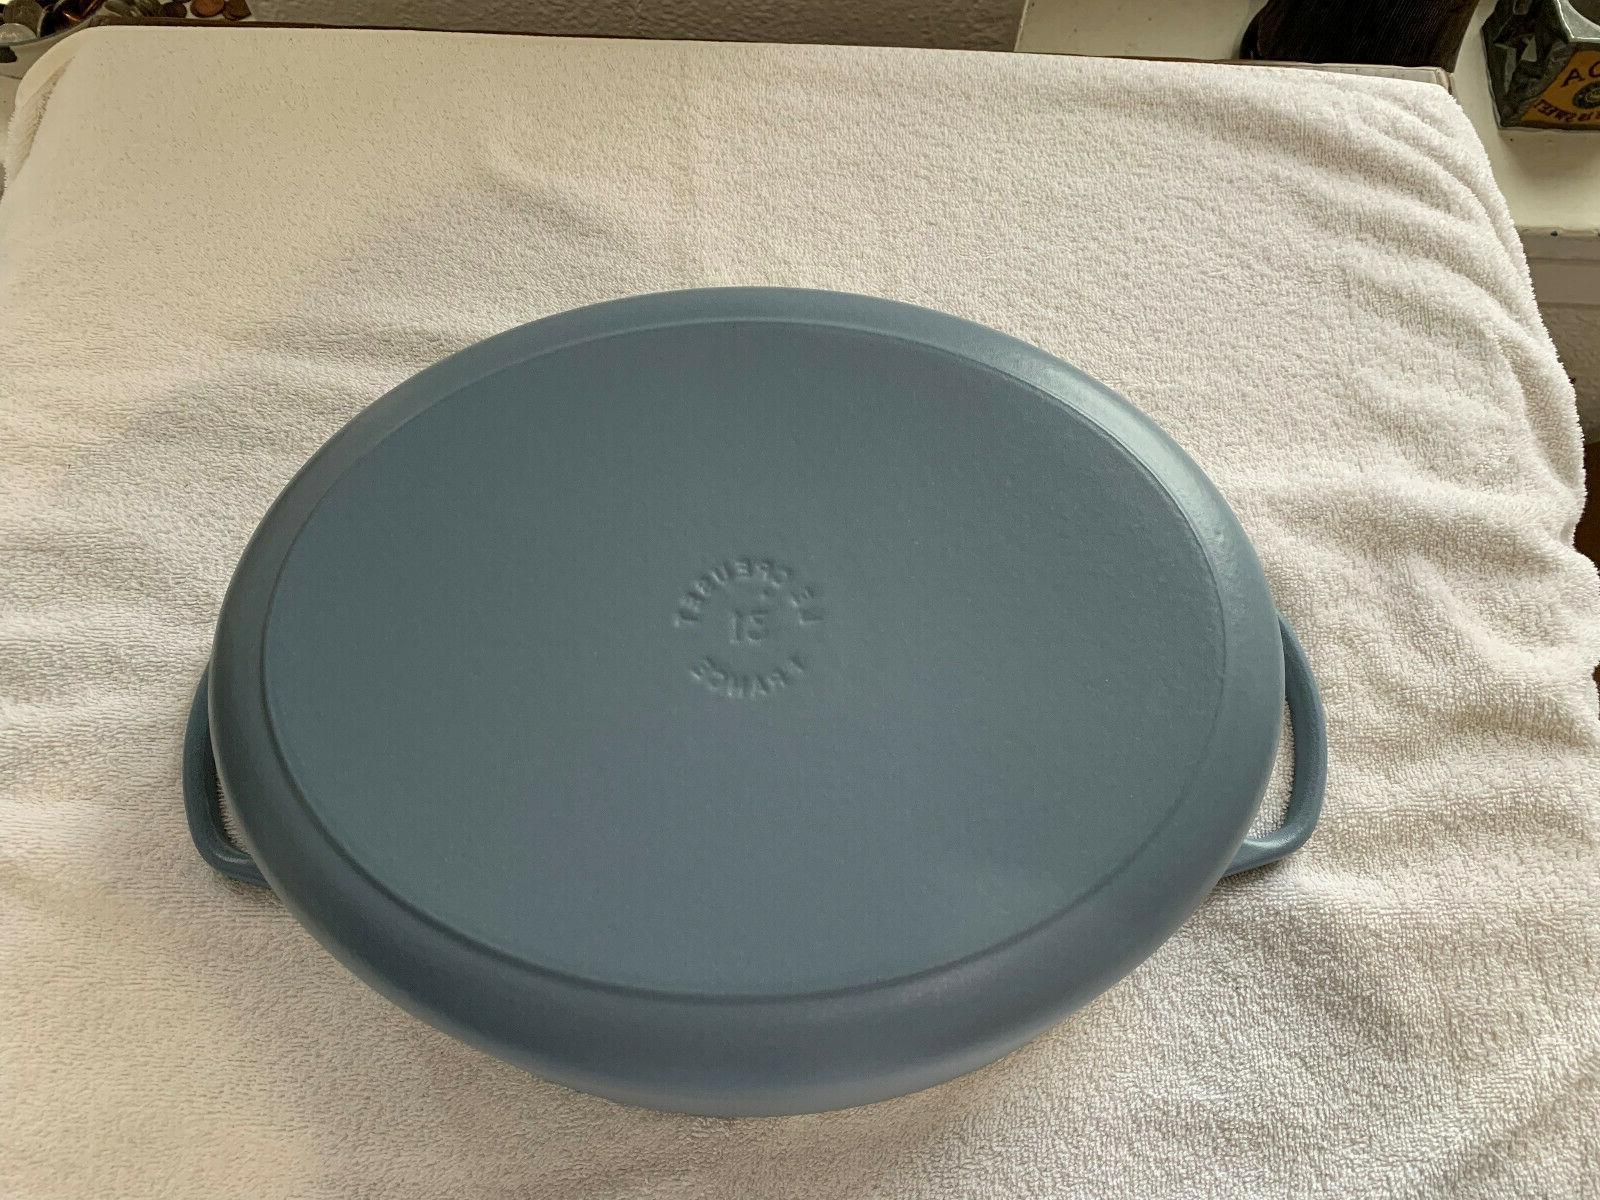 Le Creuset 6.75 quart Signature Casserole Dutch Oven Matte Blue